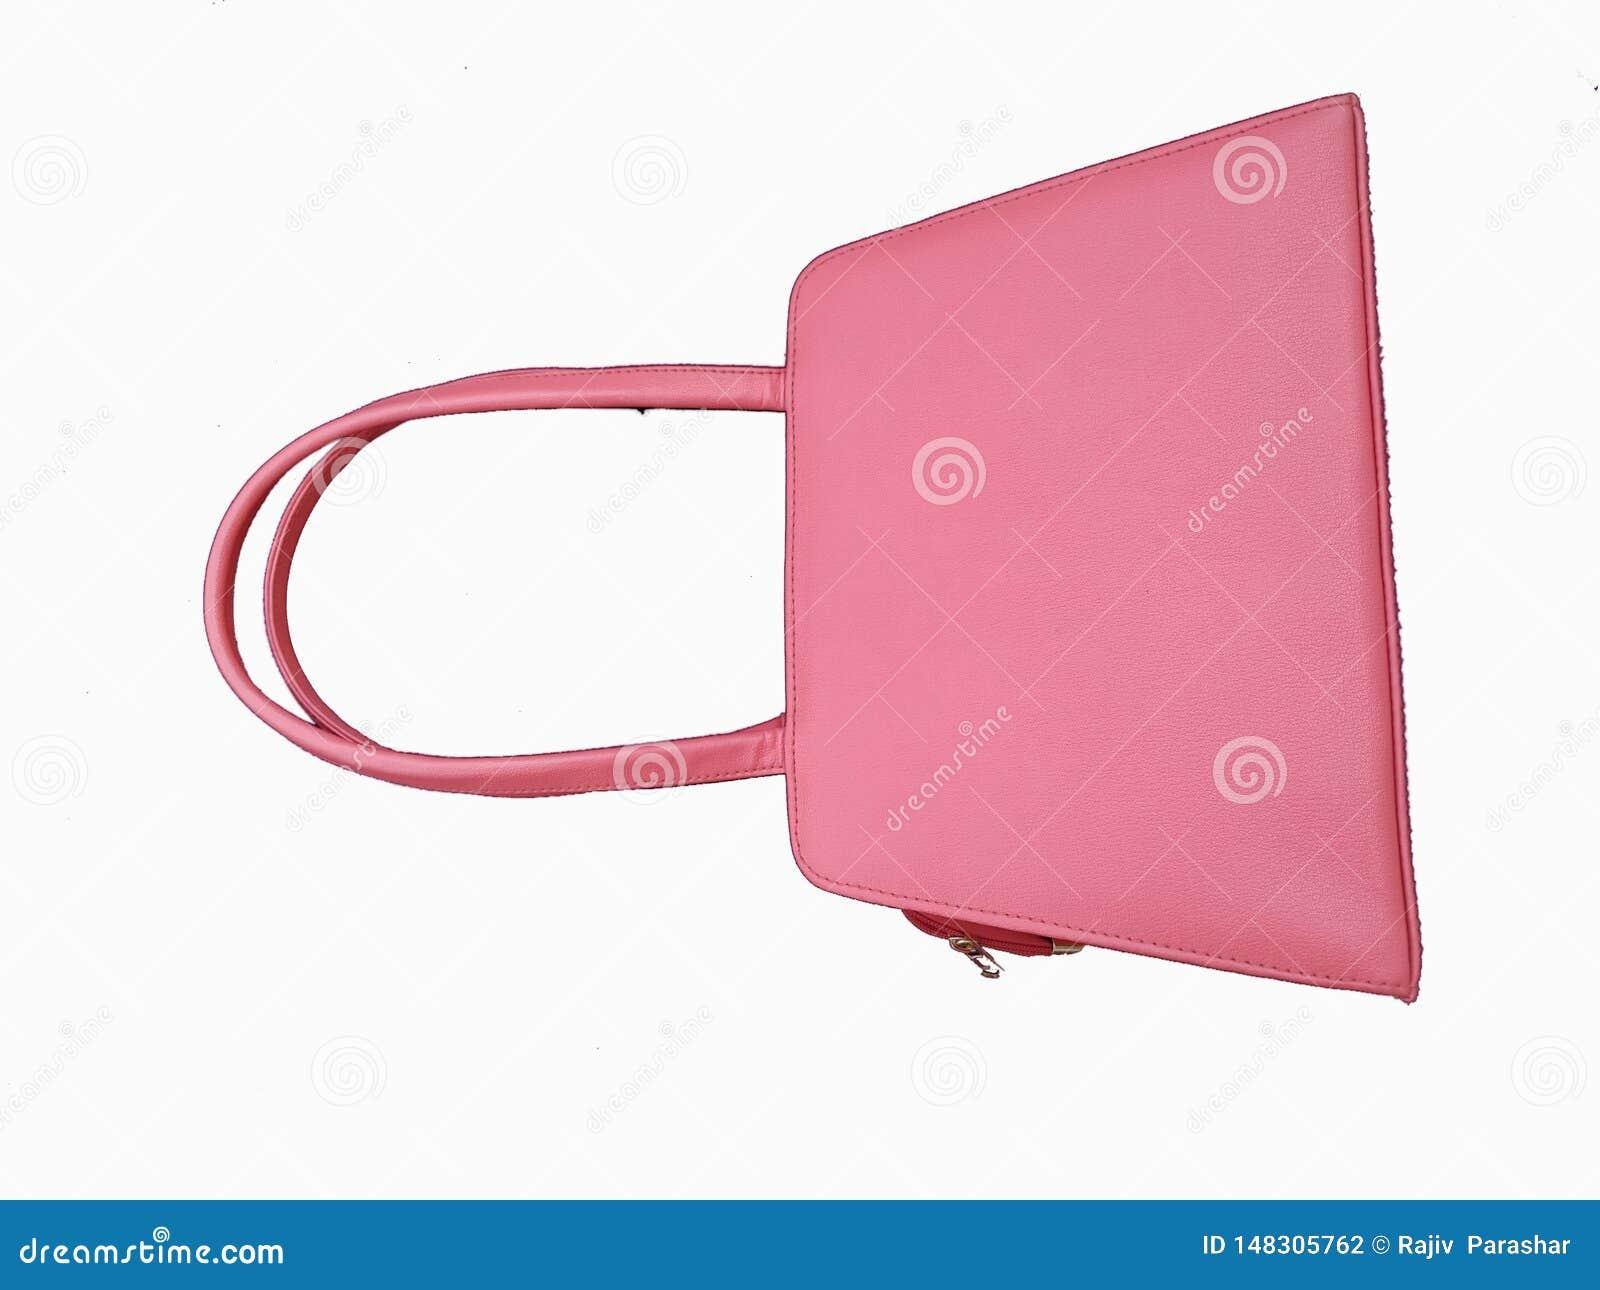 De zak van de roze vrouw die op witte achtergrond wordt geïsoleerd